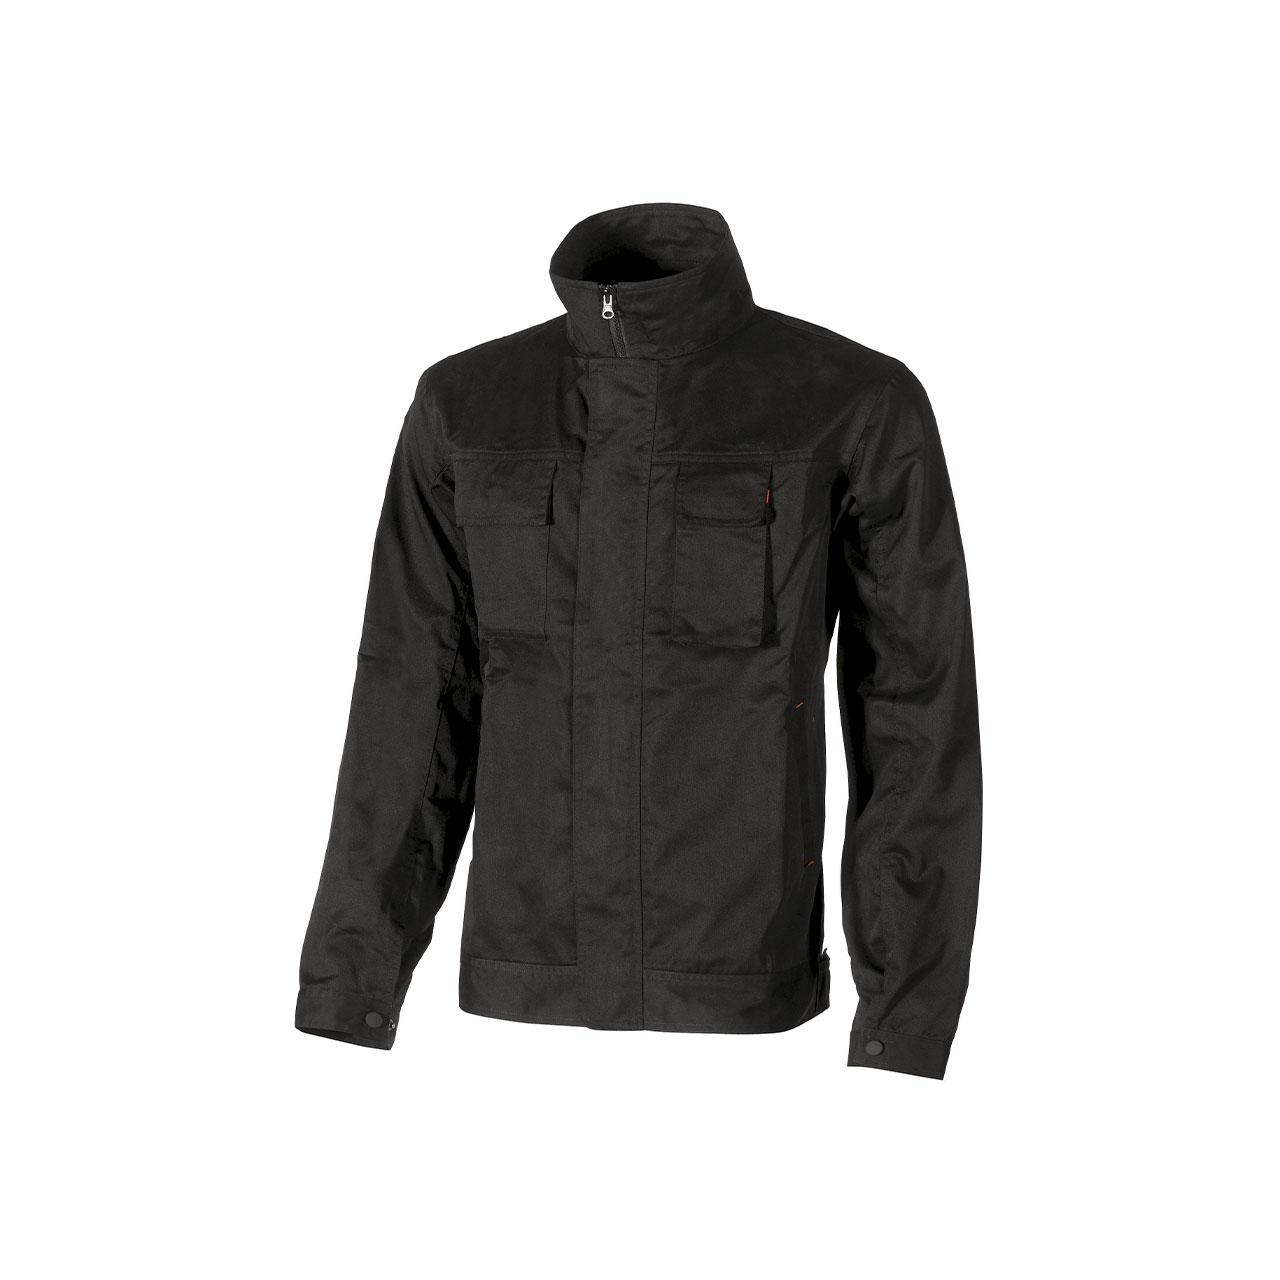 giacca da lavoro upower modello fox colore black carbon